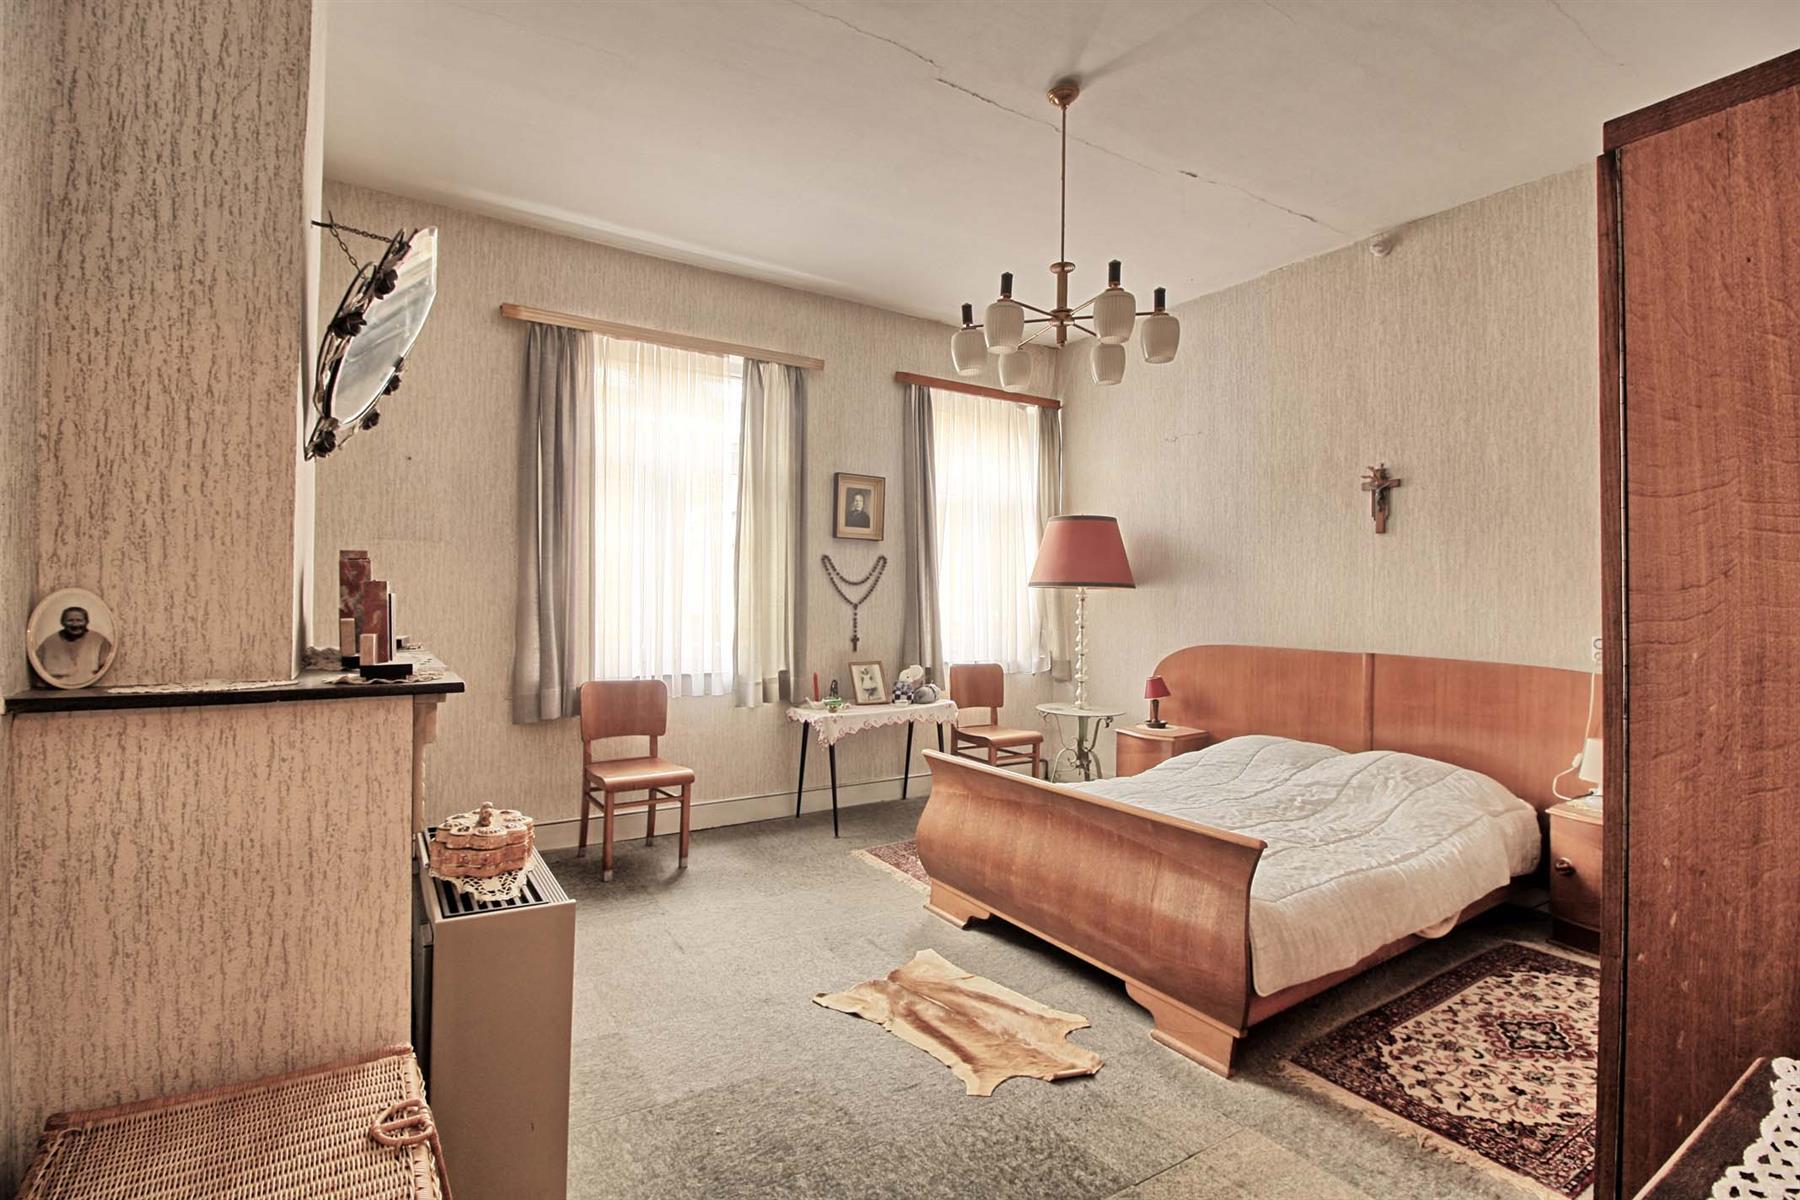 Maison unifamiliale - Woluwe-Saint-Lambert - #4106876-7